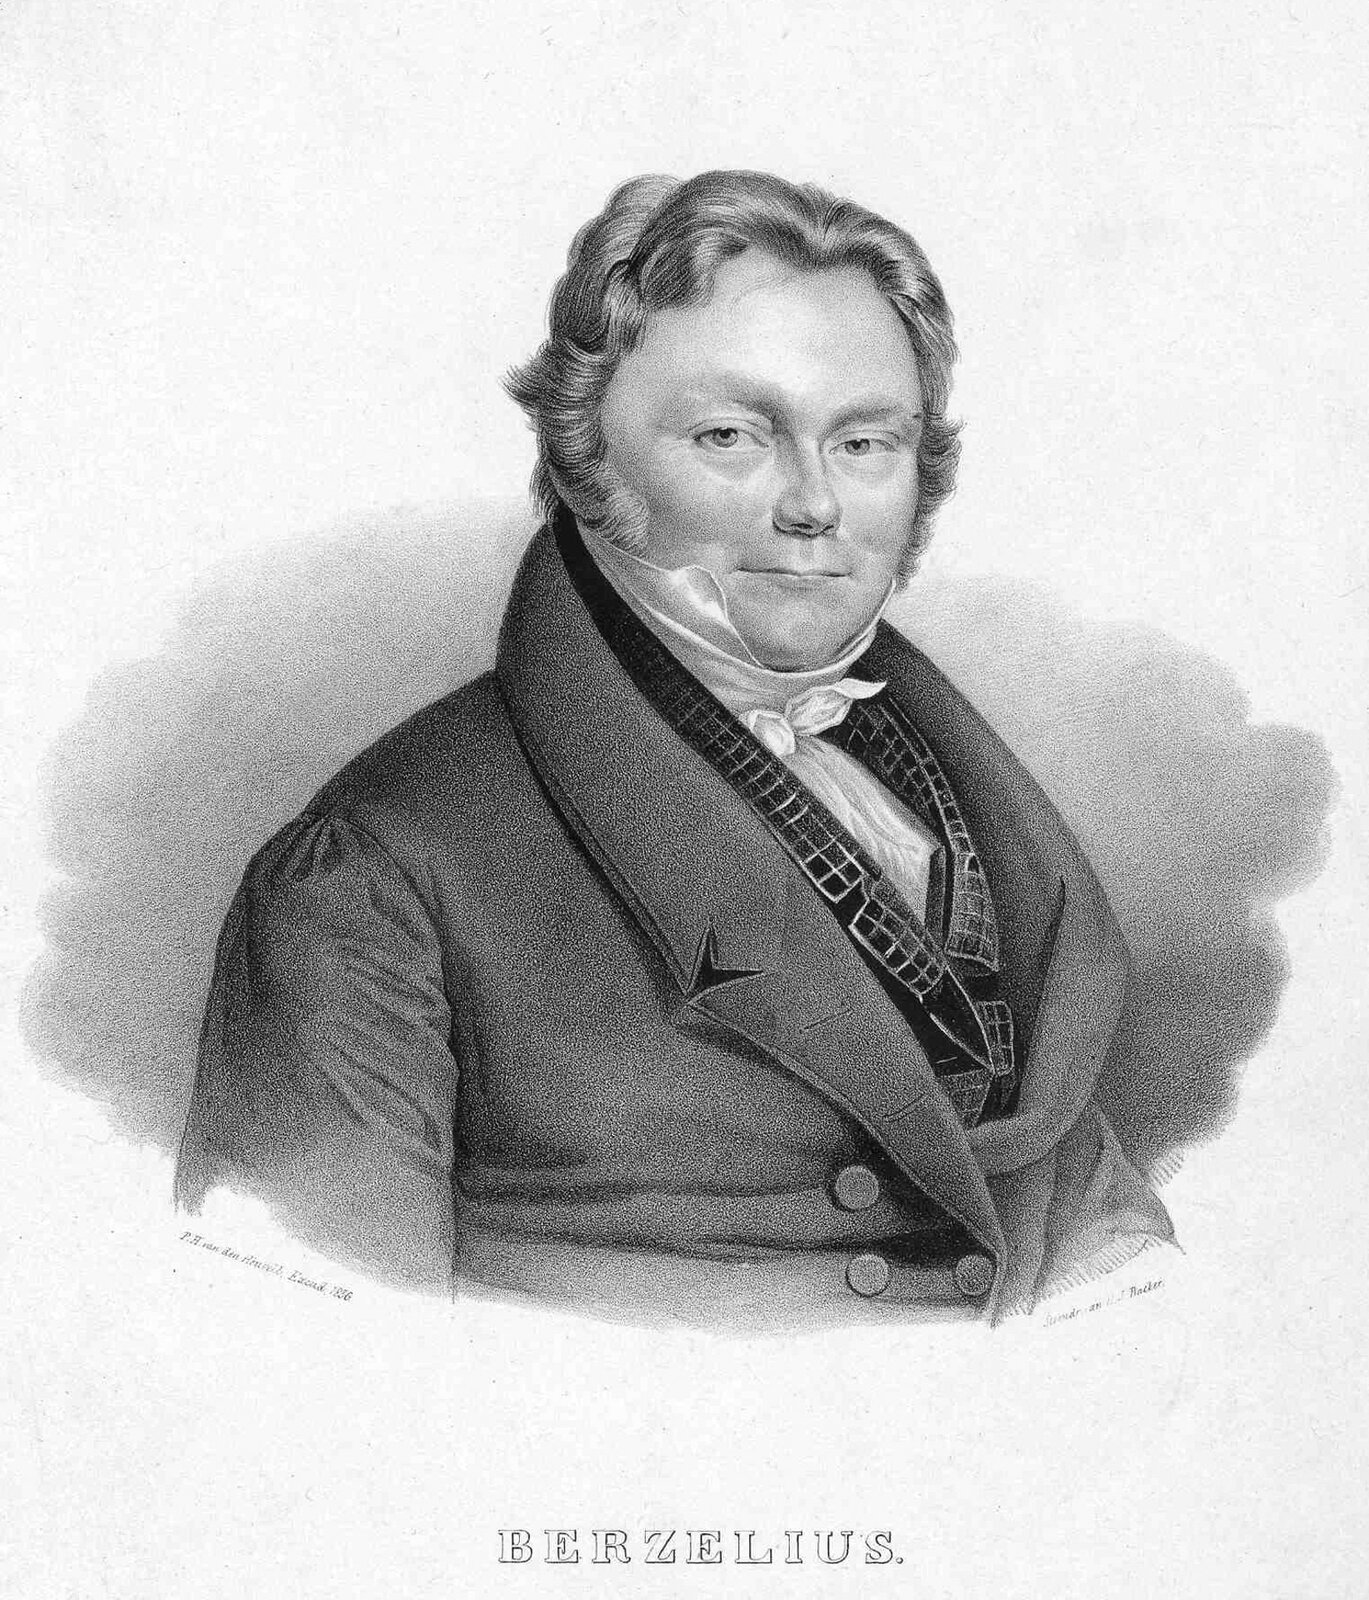 Portret Jönsa Jacoba Berzeliusa, szwedzkiego chemika imineraloga żyjącego na przełomie XVIII iXIX wieku, odkrywcy wapnia, selenu, krzemu, cyrkonu, tytanu itoru. Portret litograficzny z1836 roku autorstwa P.H. van den Heuvella.